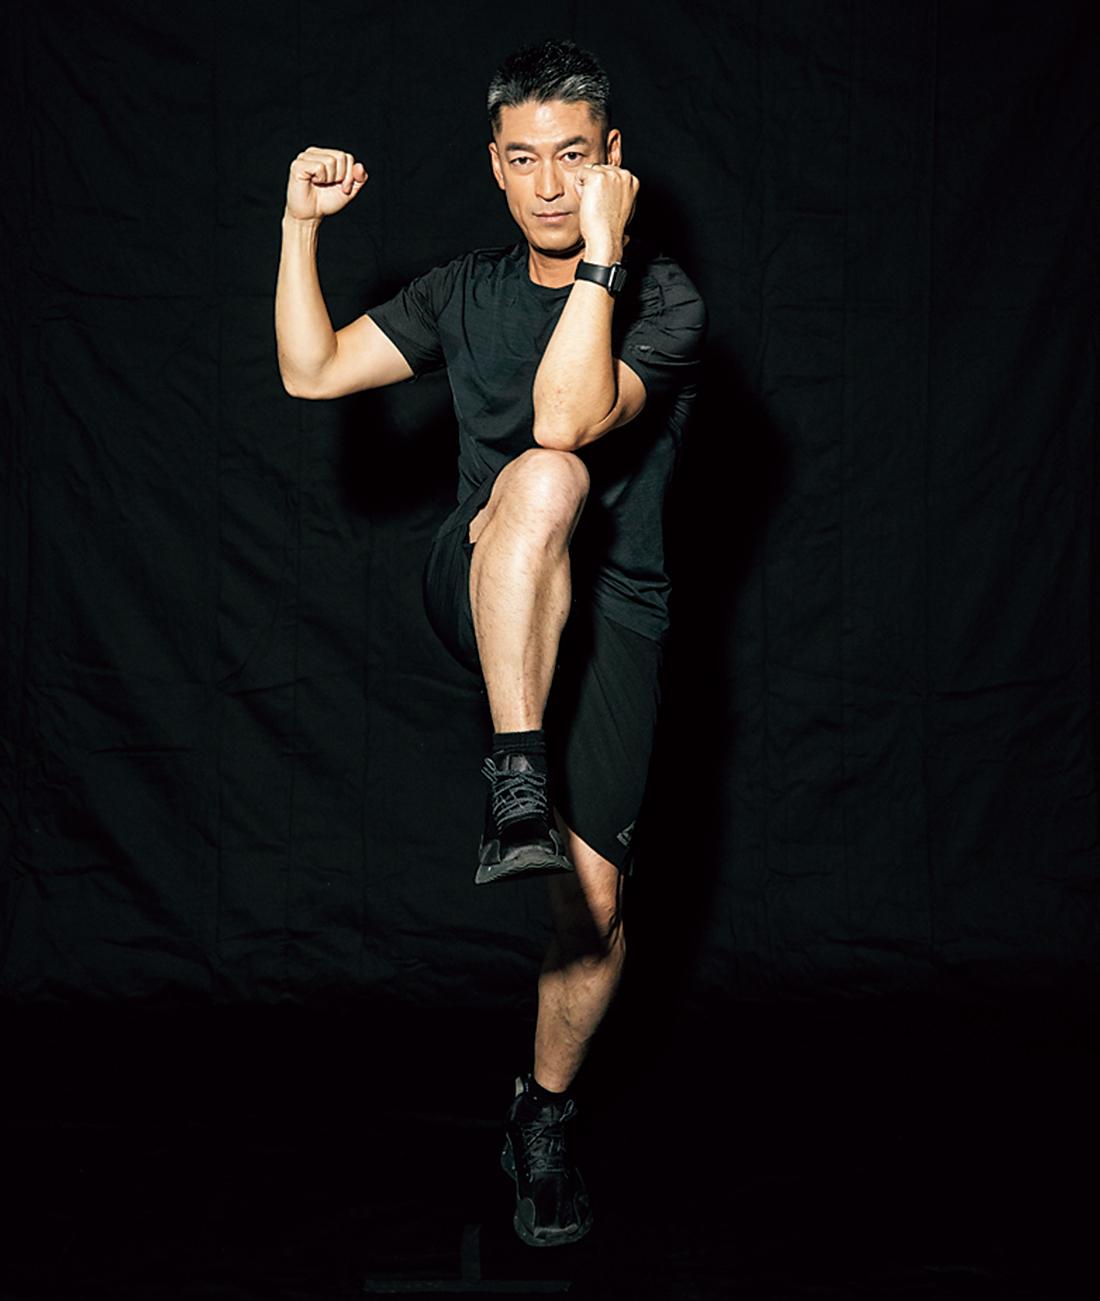 【STEP2】 膝を胸の高さまで引き上げ、反対の肘で膝を軽くタッチし、STEP1に戻る。